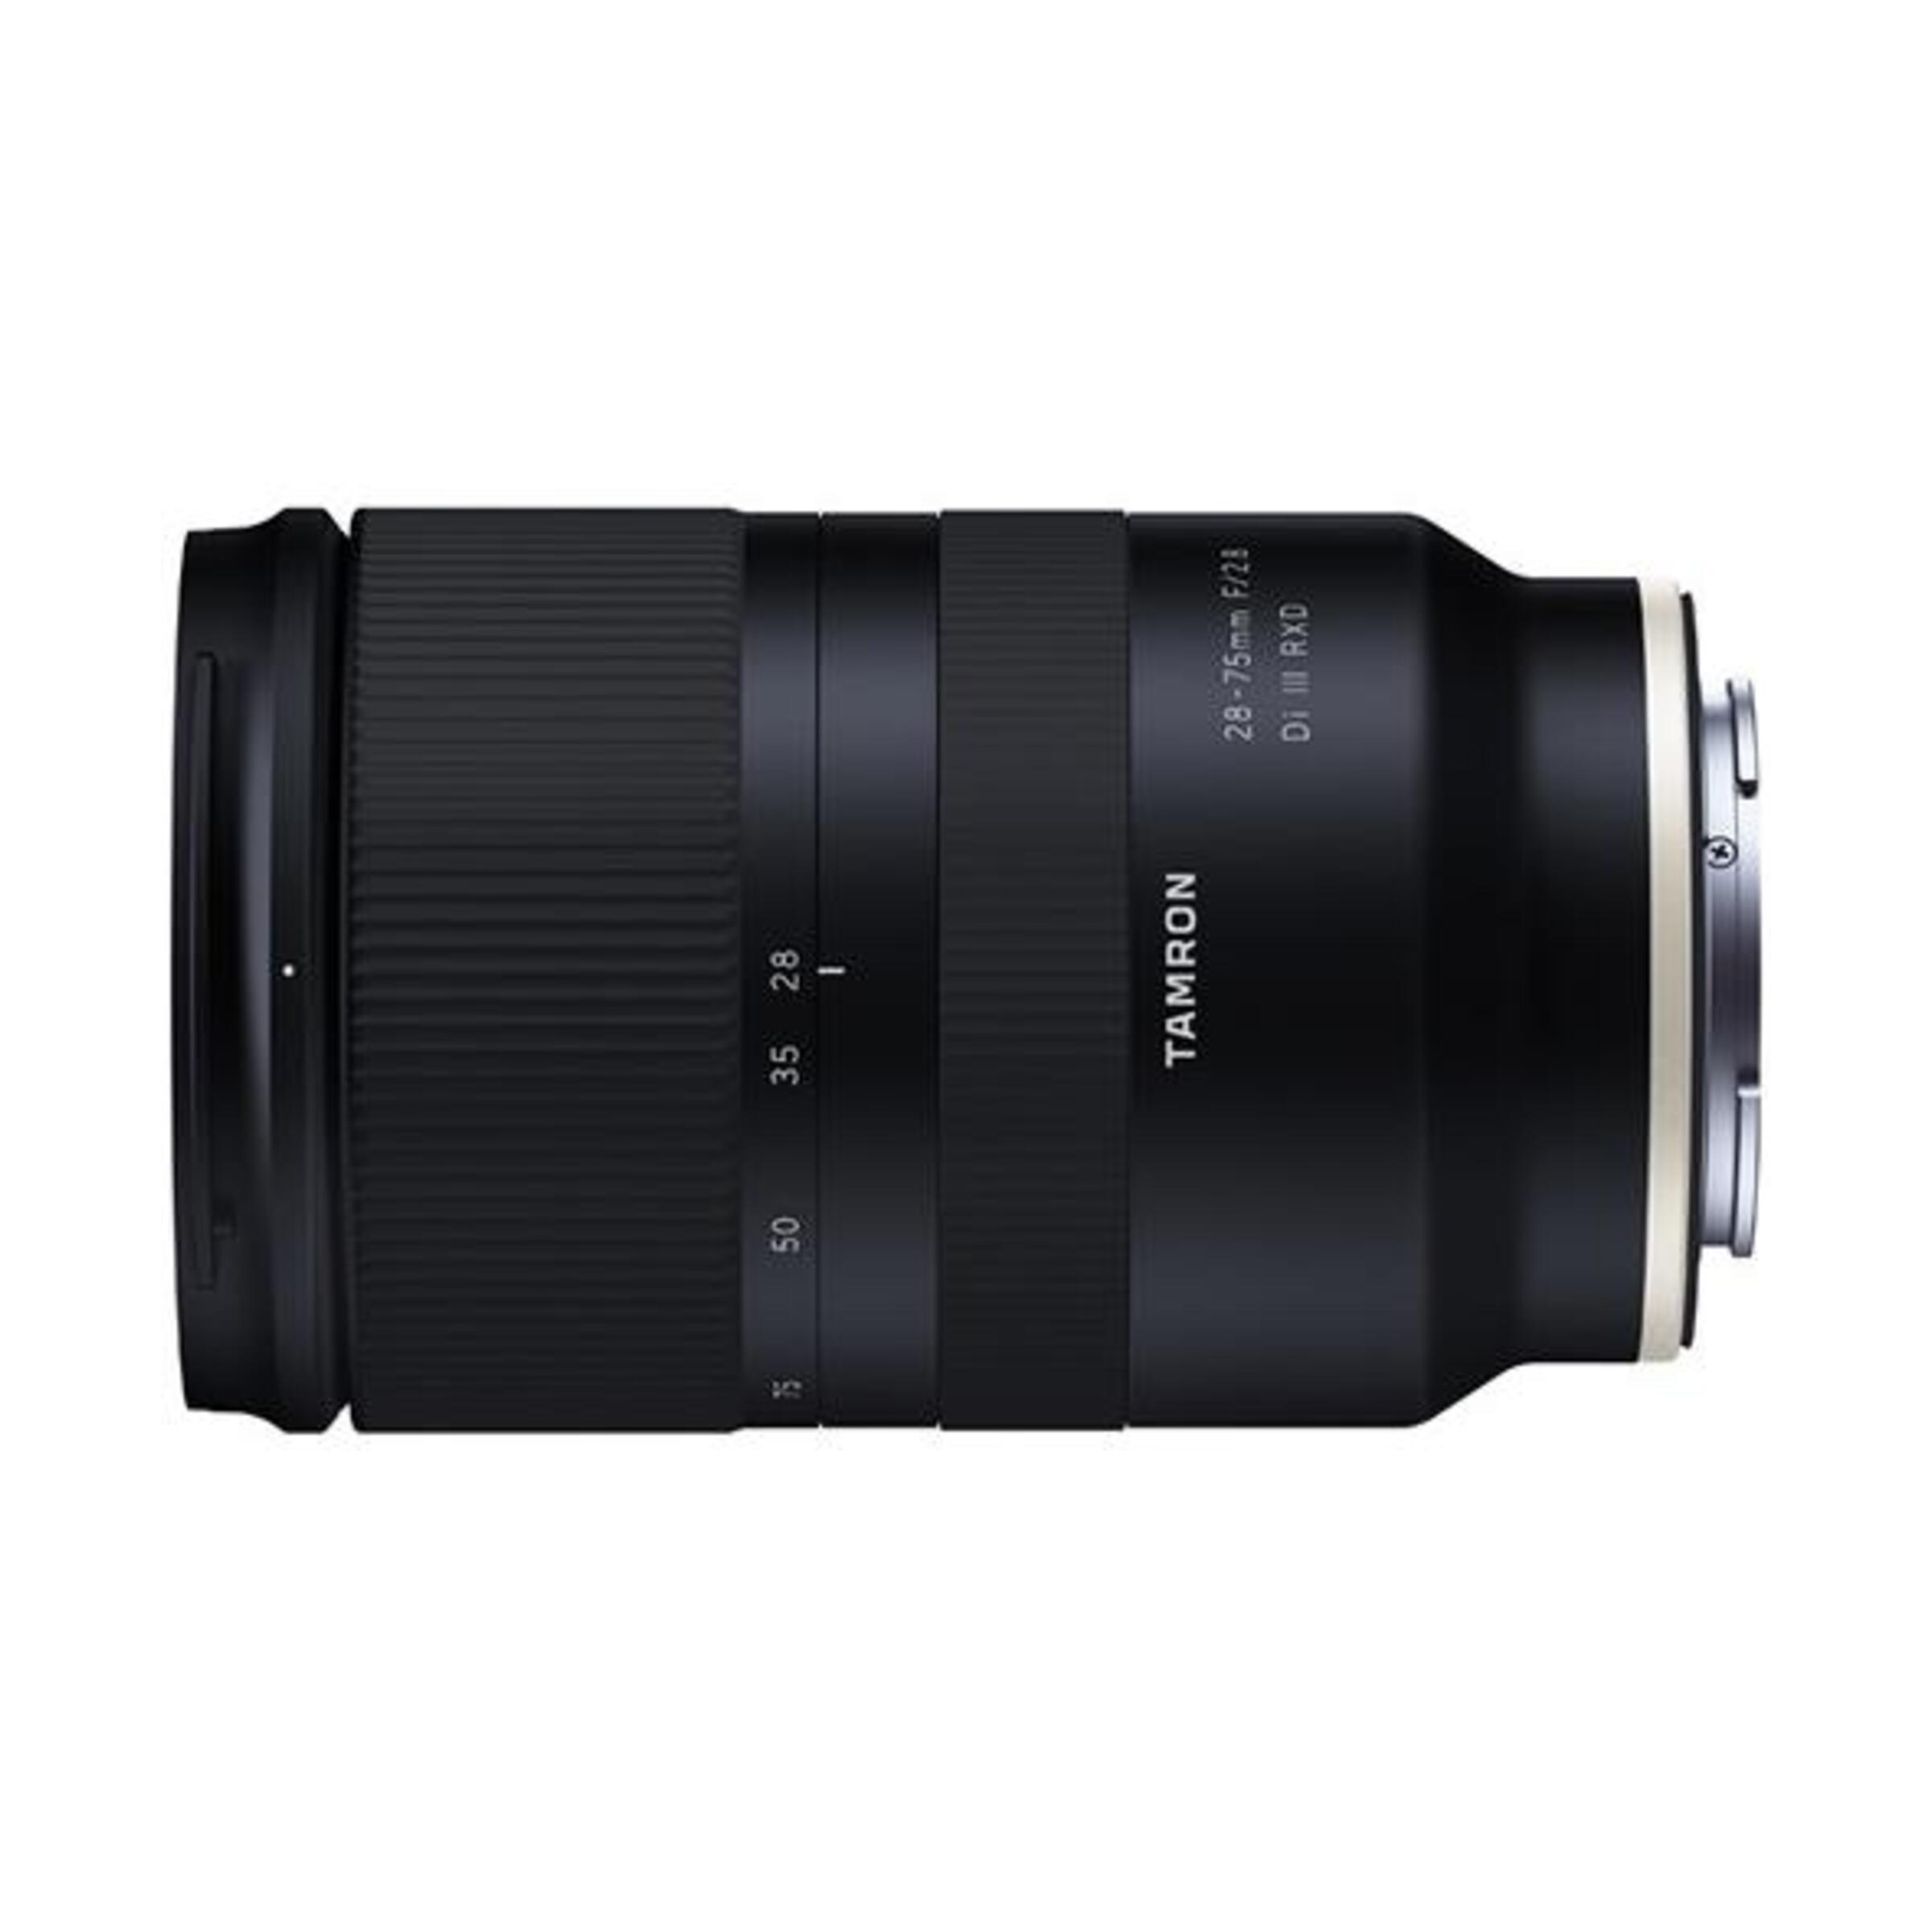 Tamron 28-75mm f/2,8 Di III RXD : Sony FE